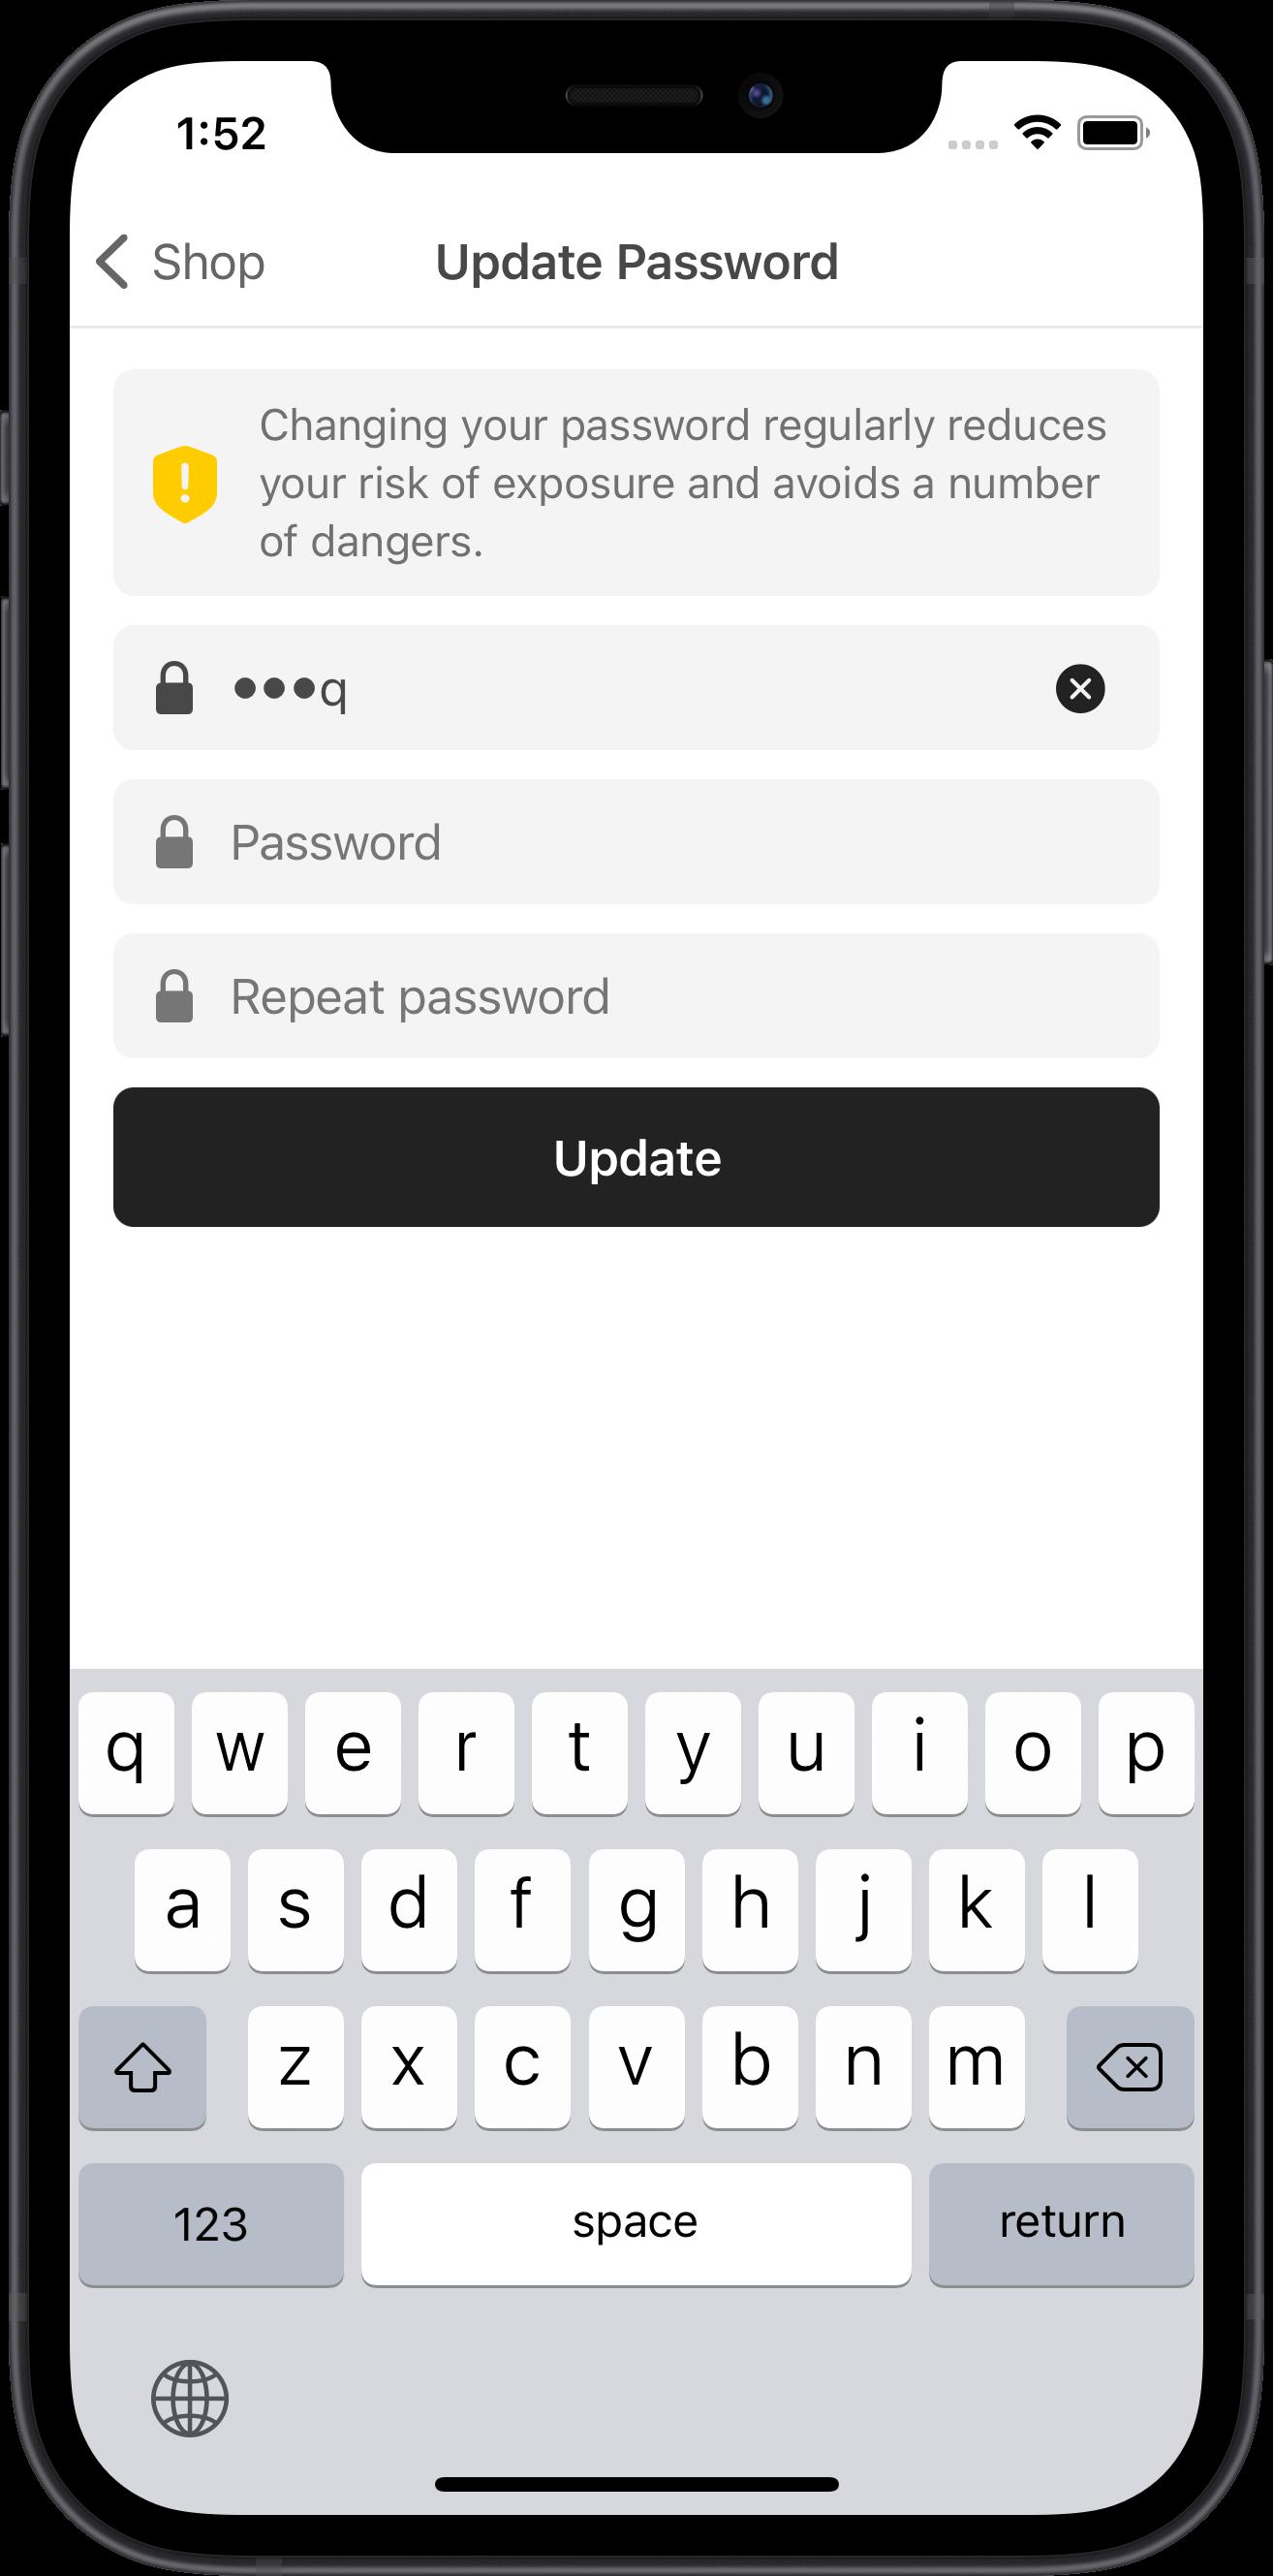 e-commerce, update user profile